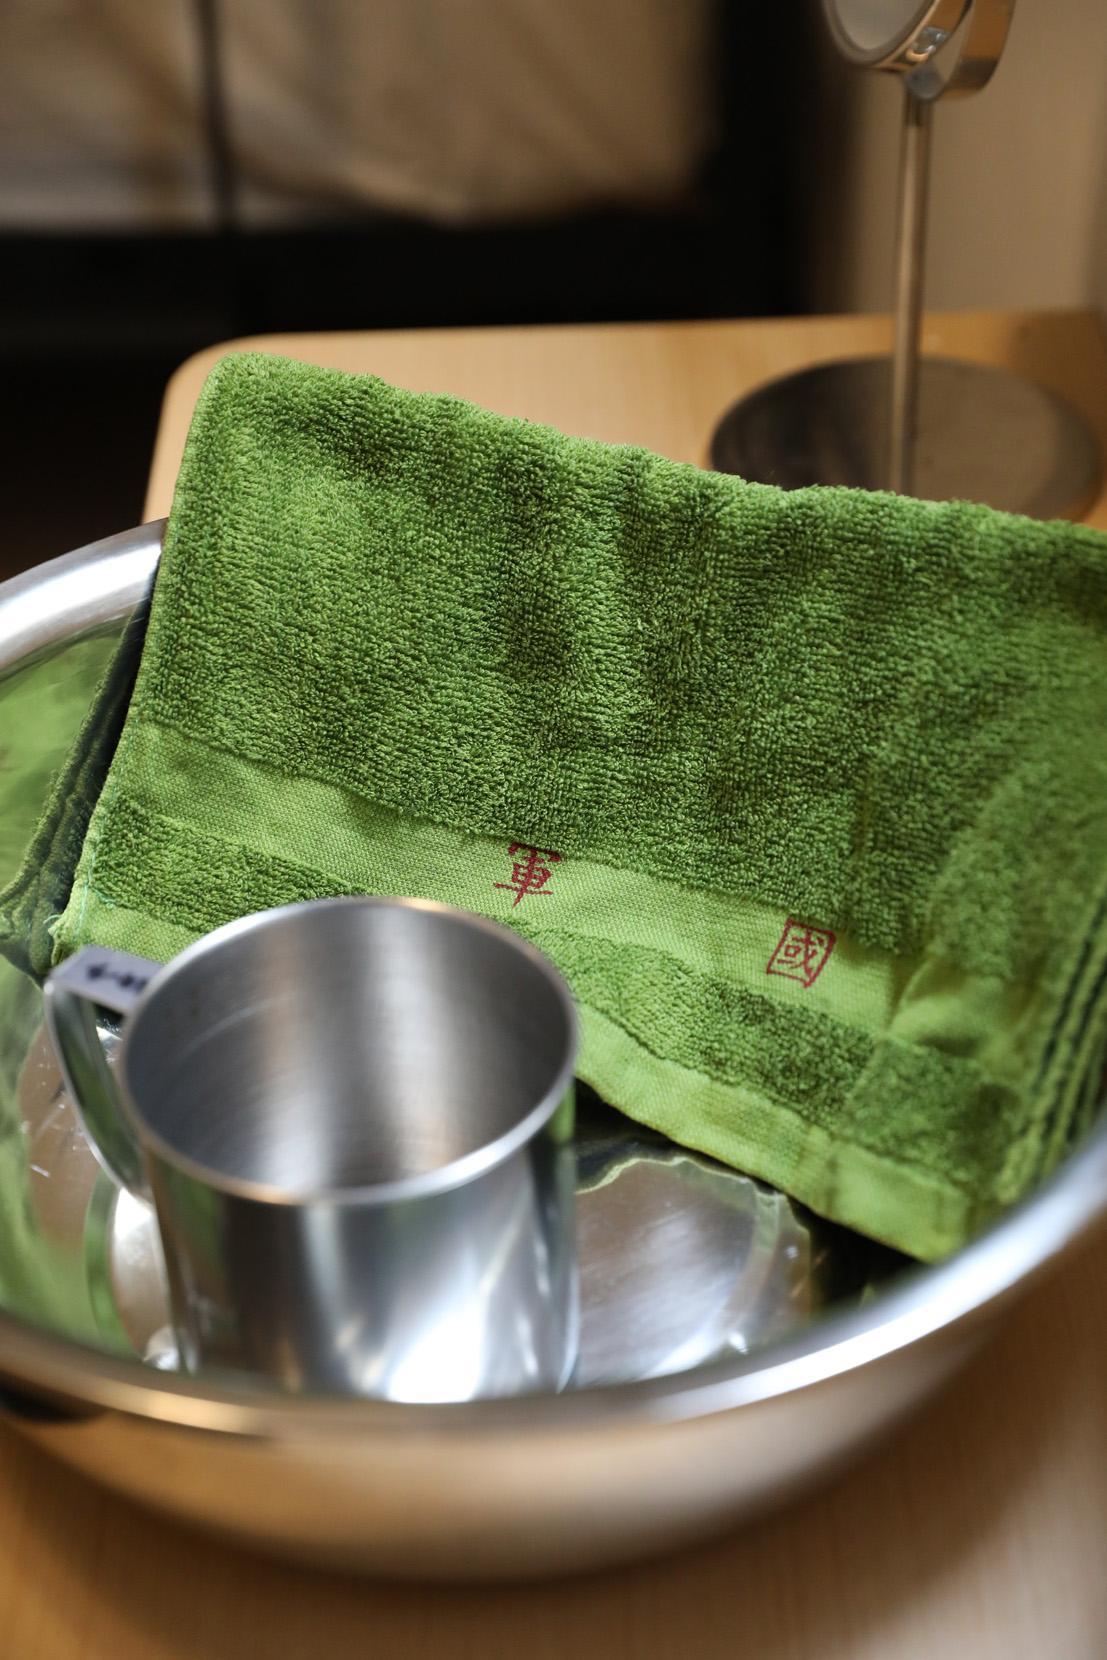 每位房客都提供一個鋼盆、鋼杯與軍用綠色毛巾。